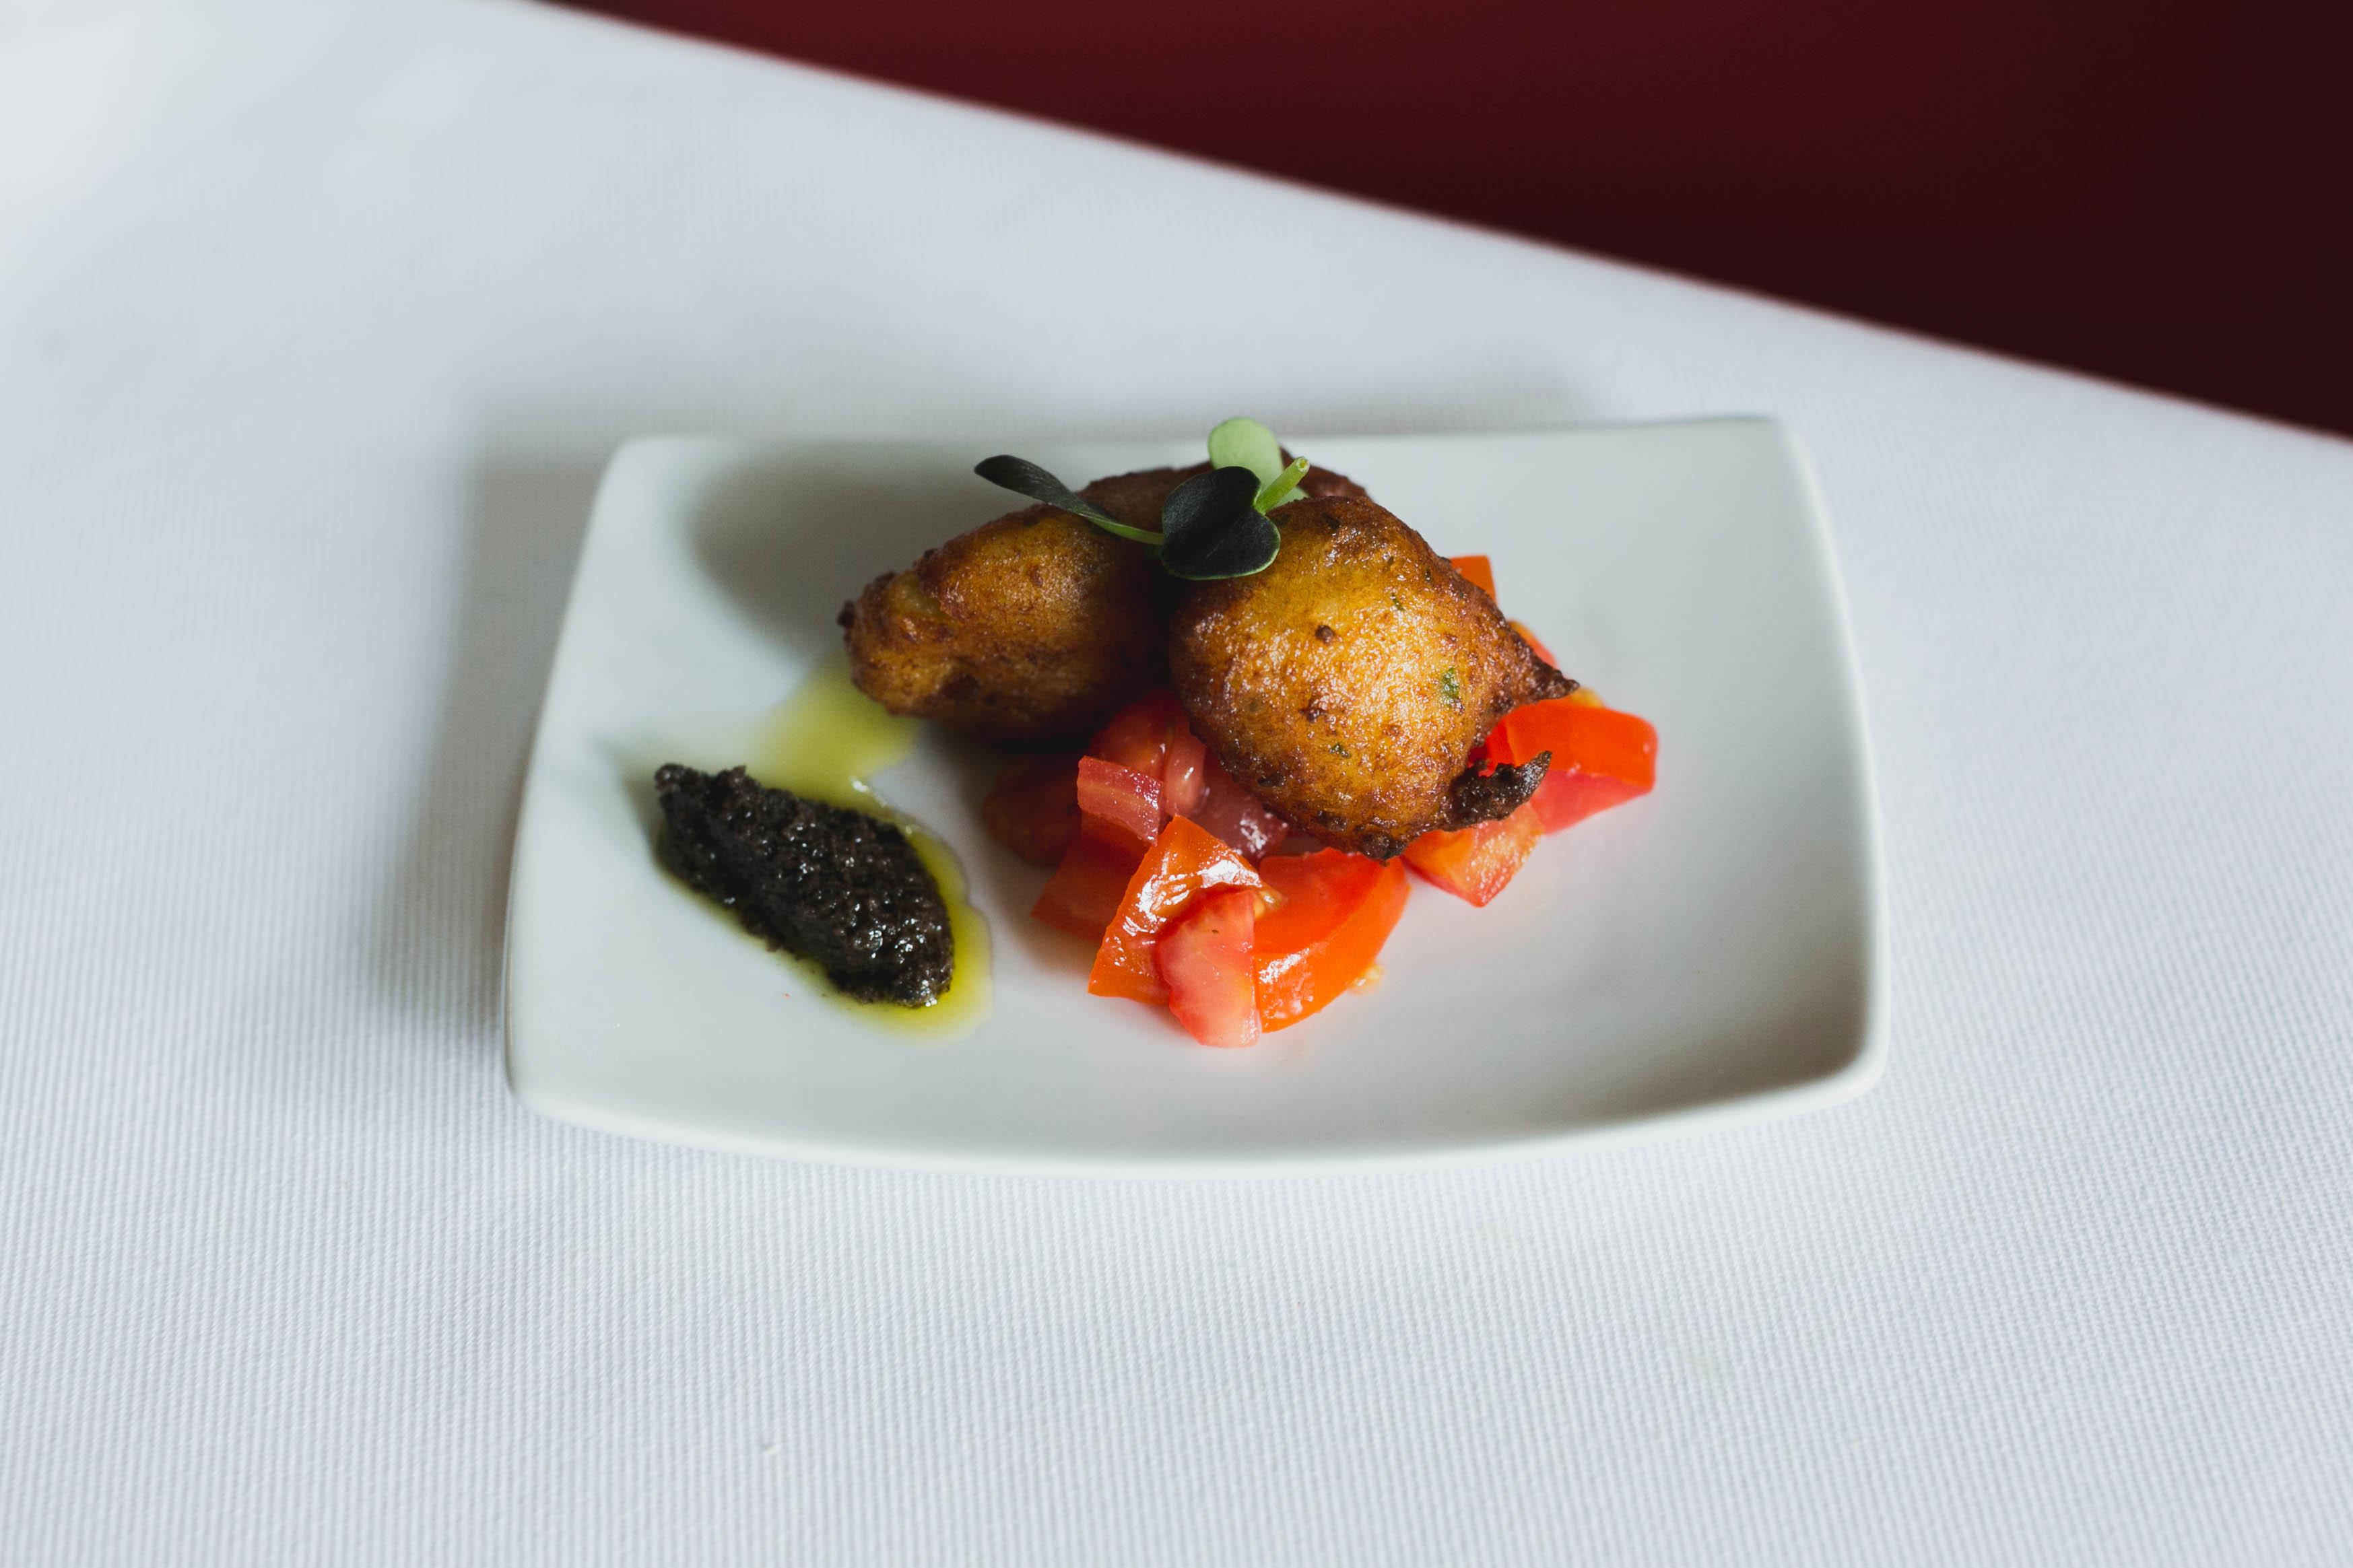 11. (MAYO) Buñuelo de bacalao con mermelada de tomate dulce